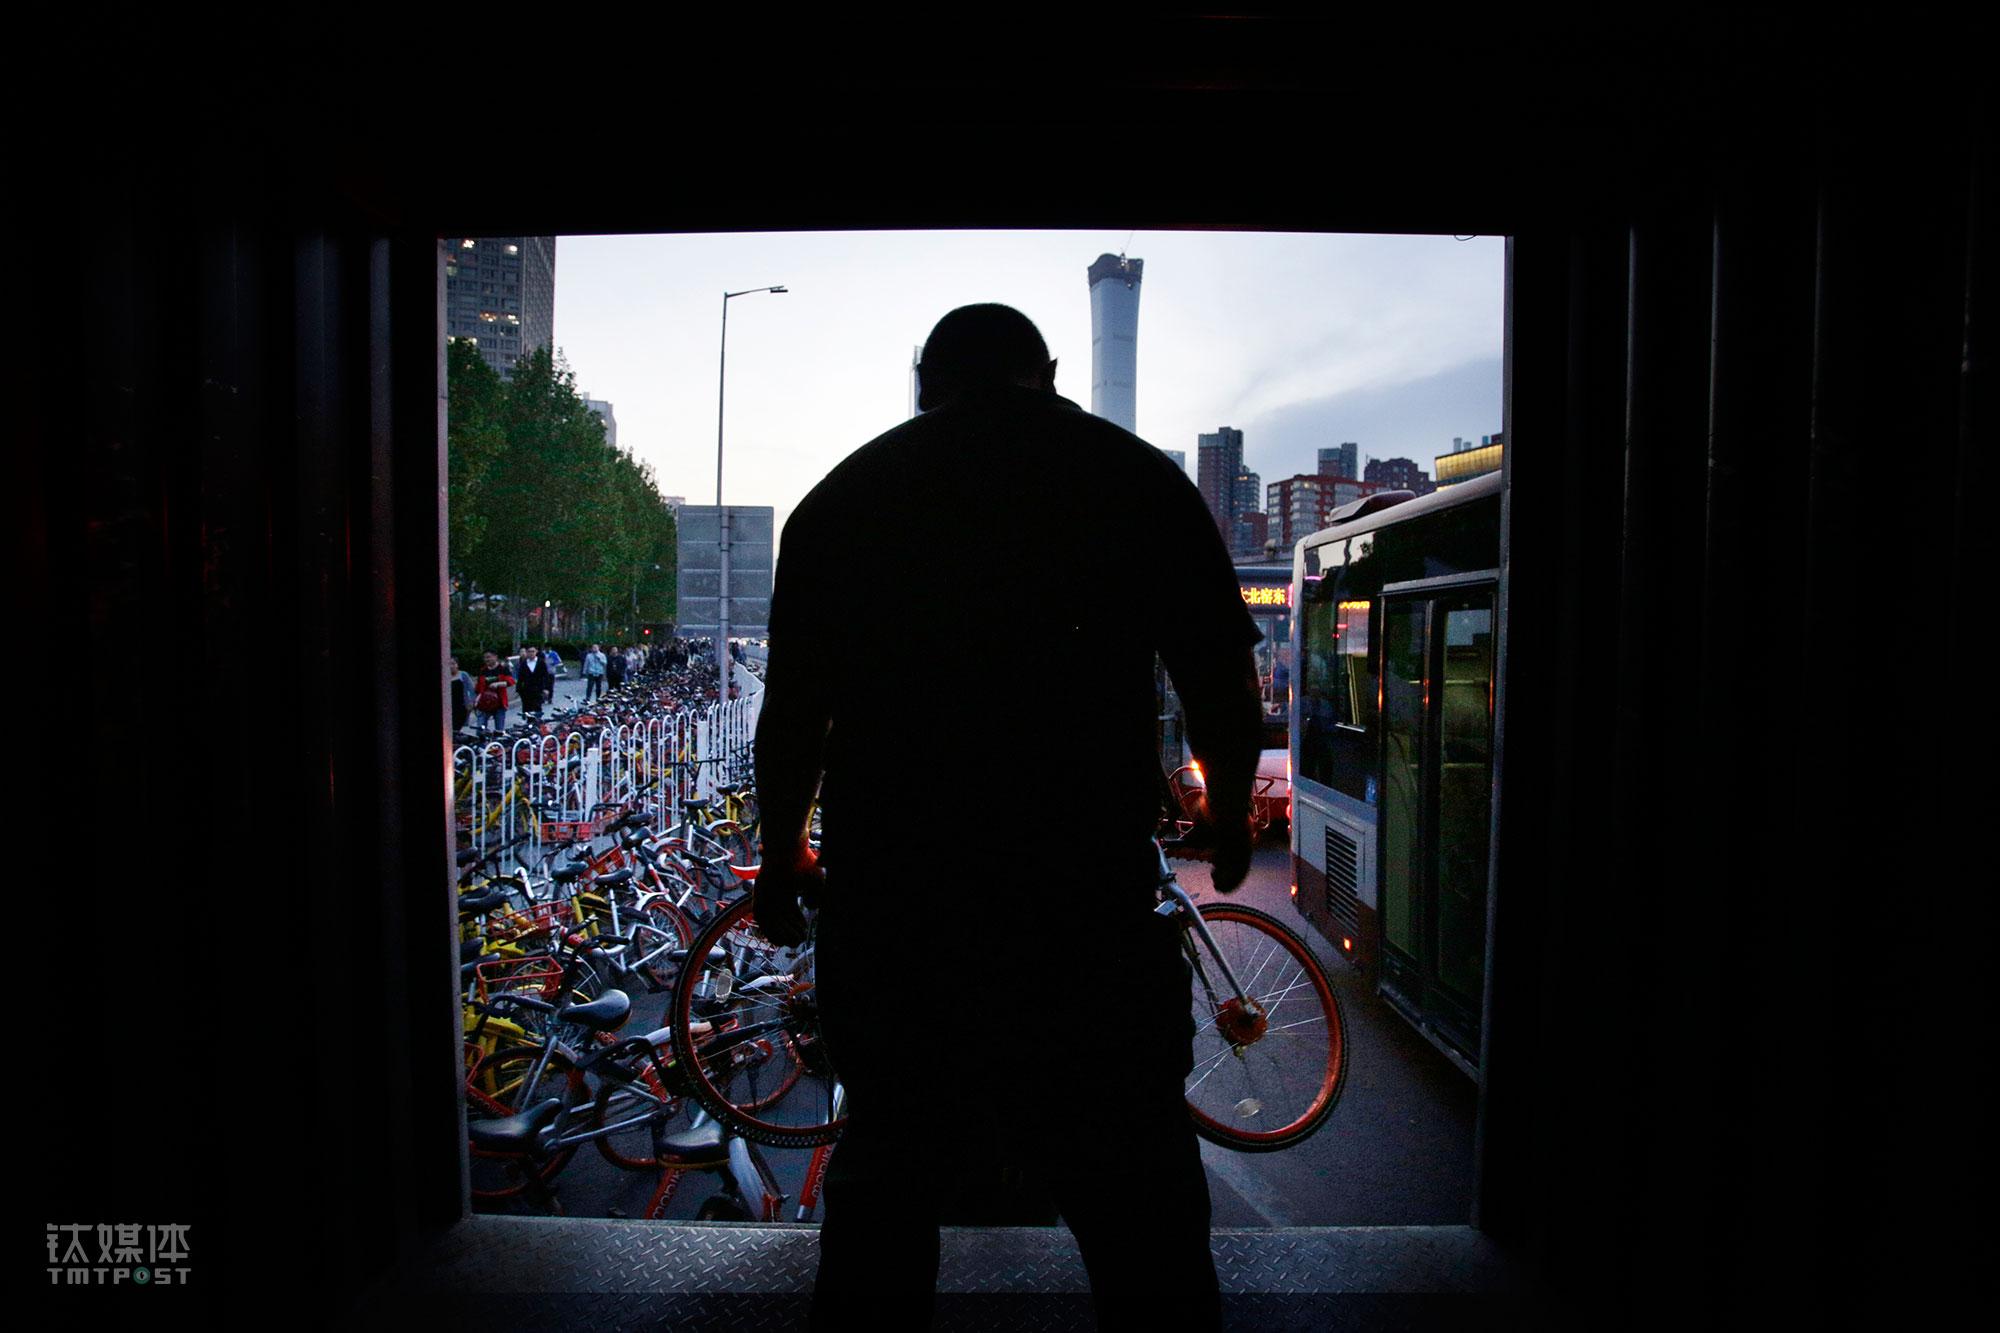 天色开始变暗,单车越来越多,为了不影响交通,单车的装车速度也加快了。大强站在厢货车里,准备接下工友举起来的一辆摩拜。